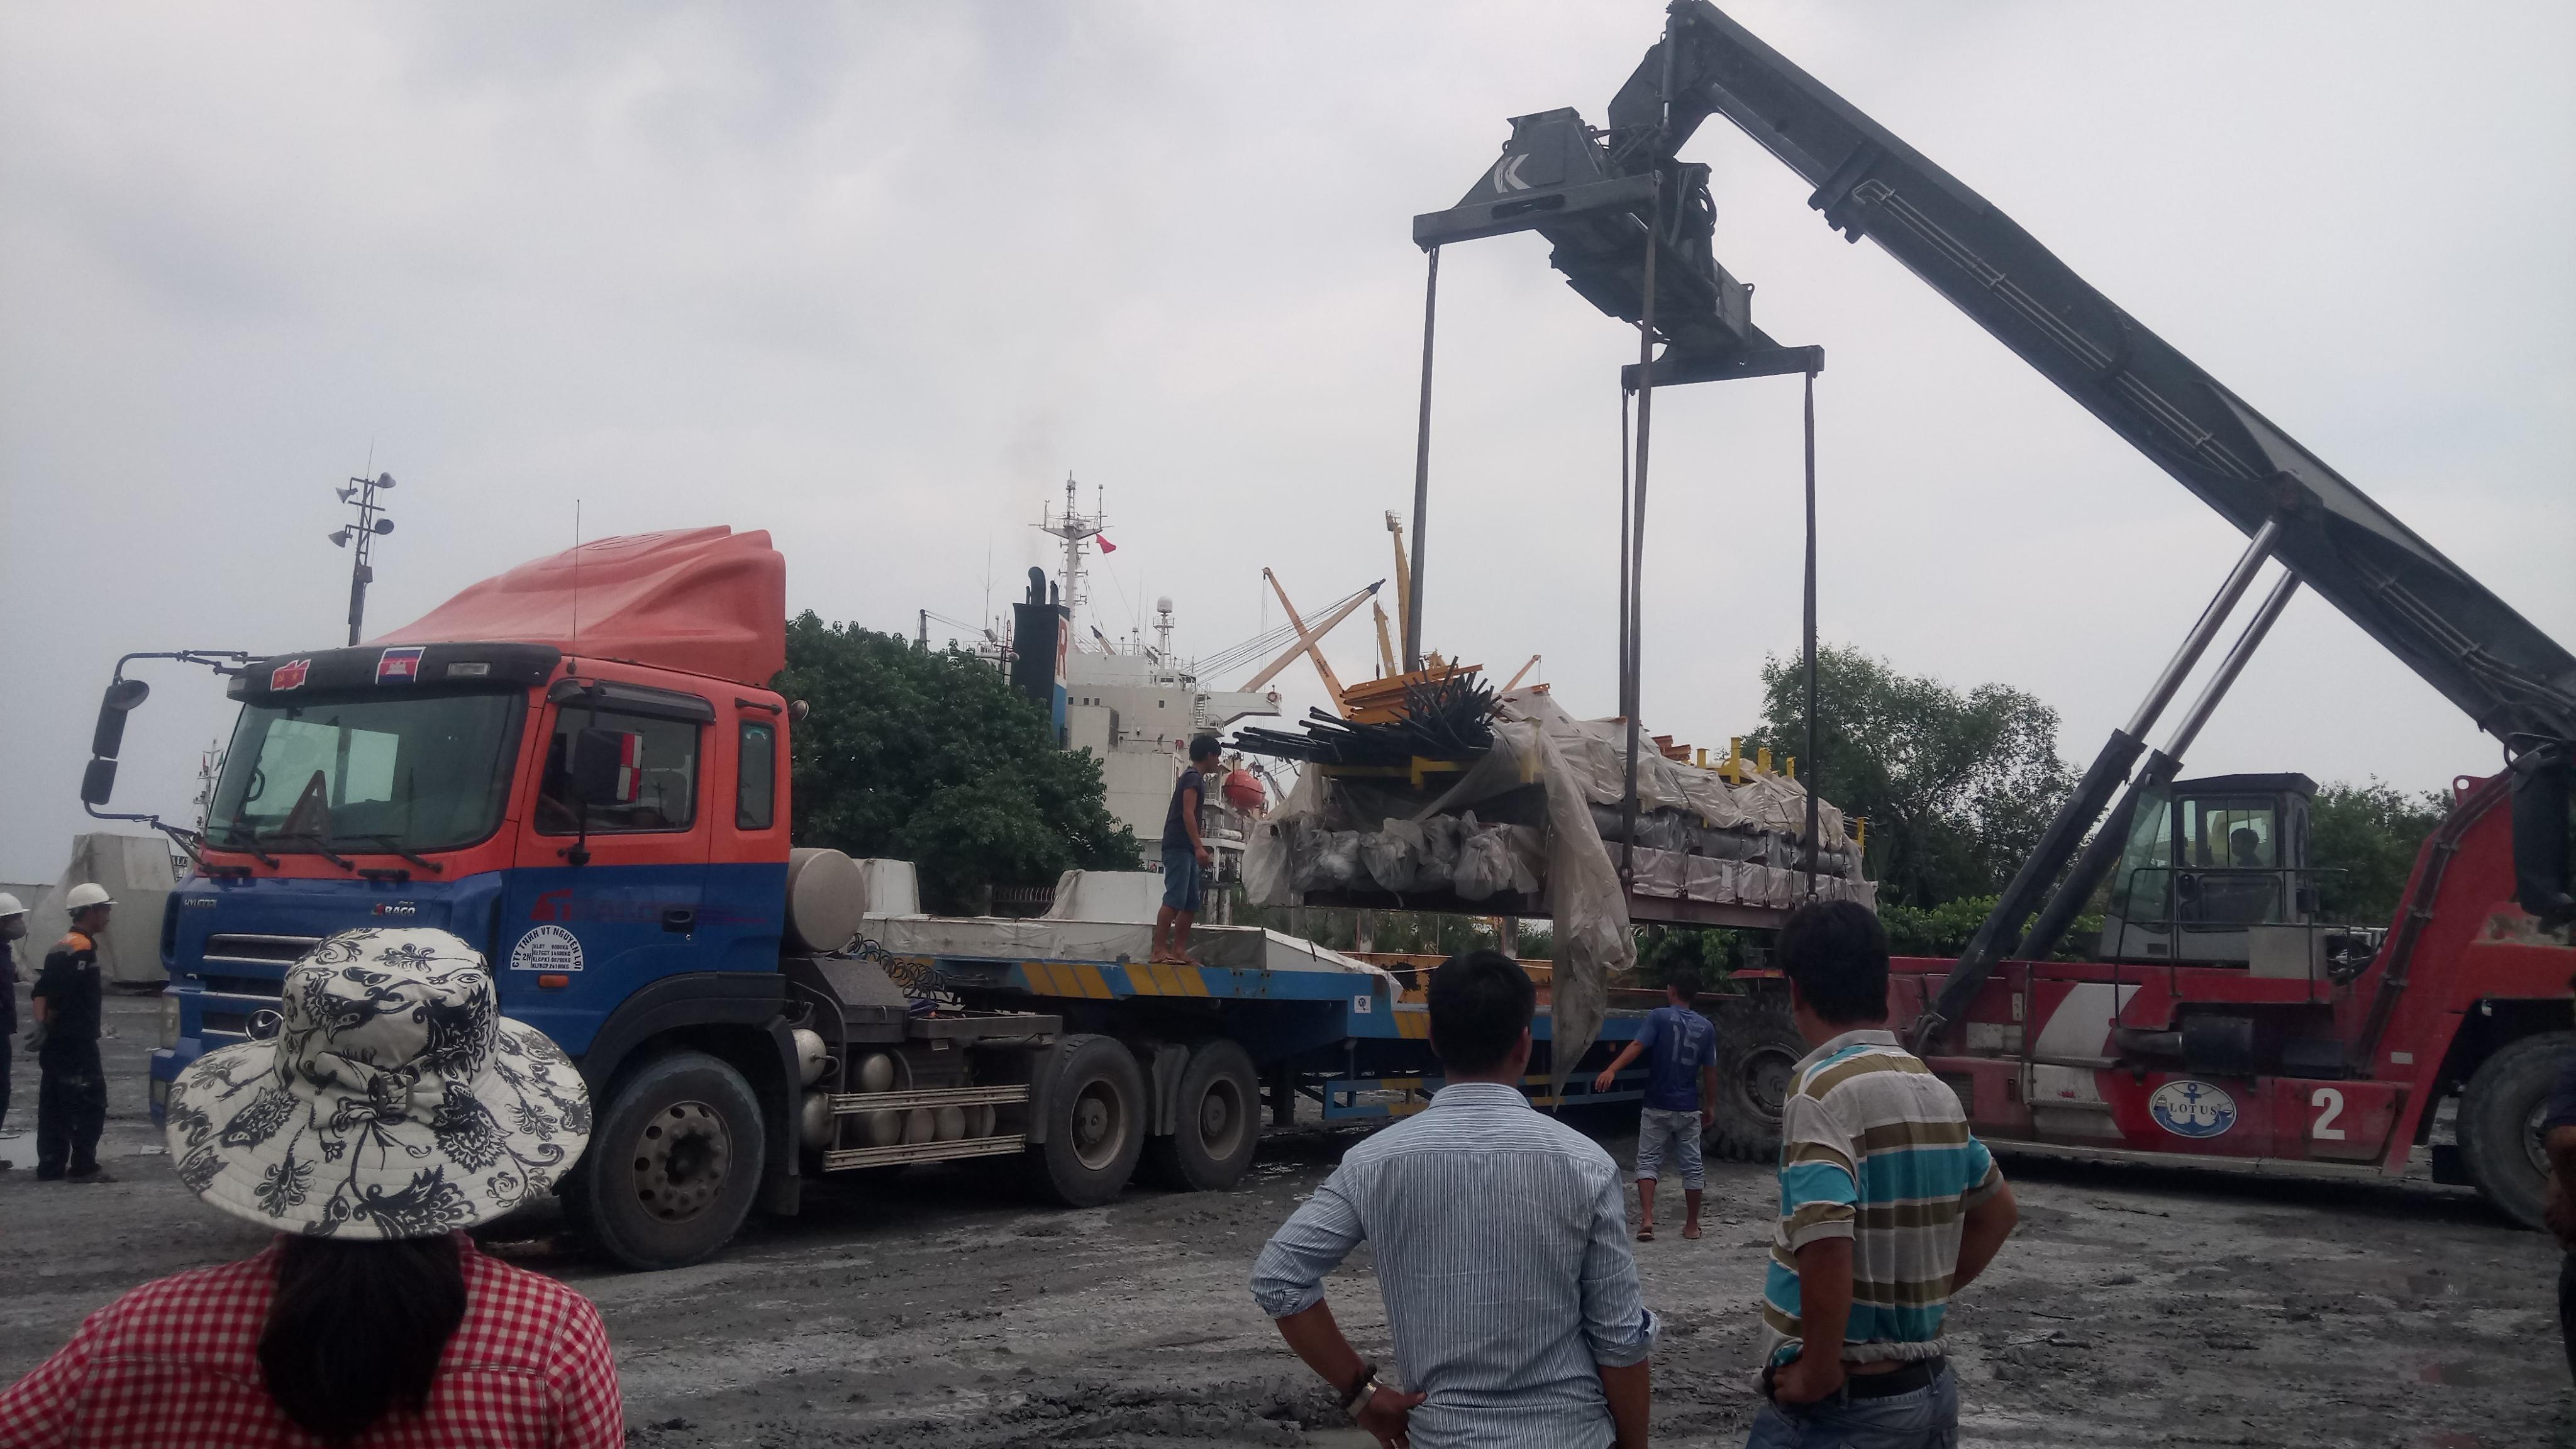 Vận chuyển hàng hóa đi sihanoukville nhanh chóng